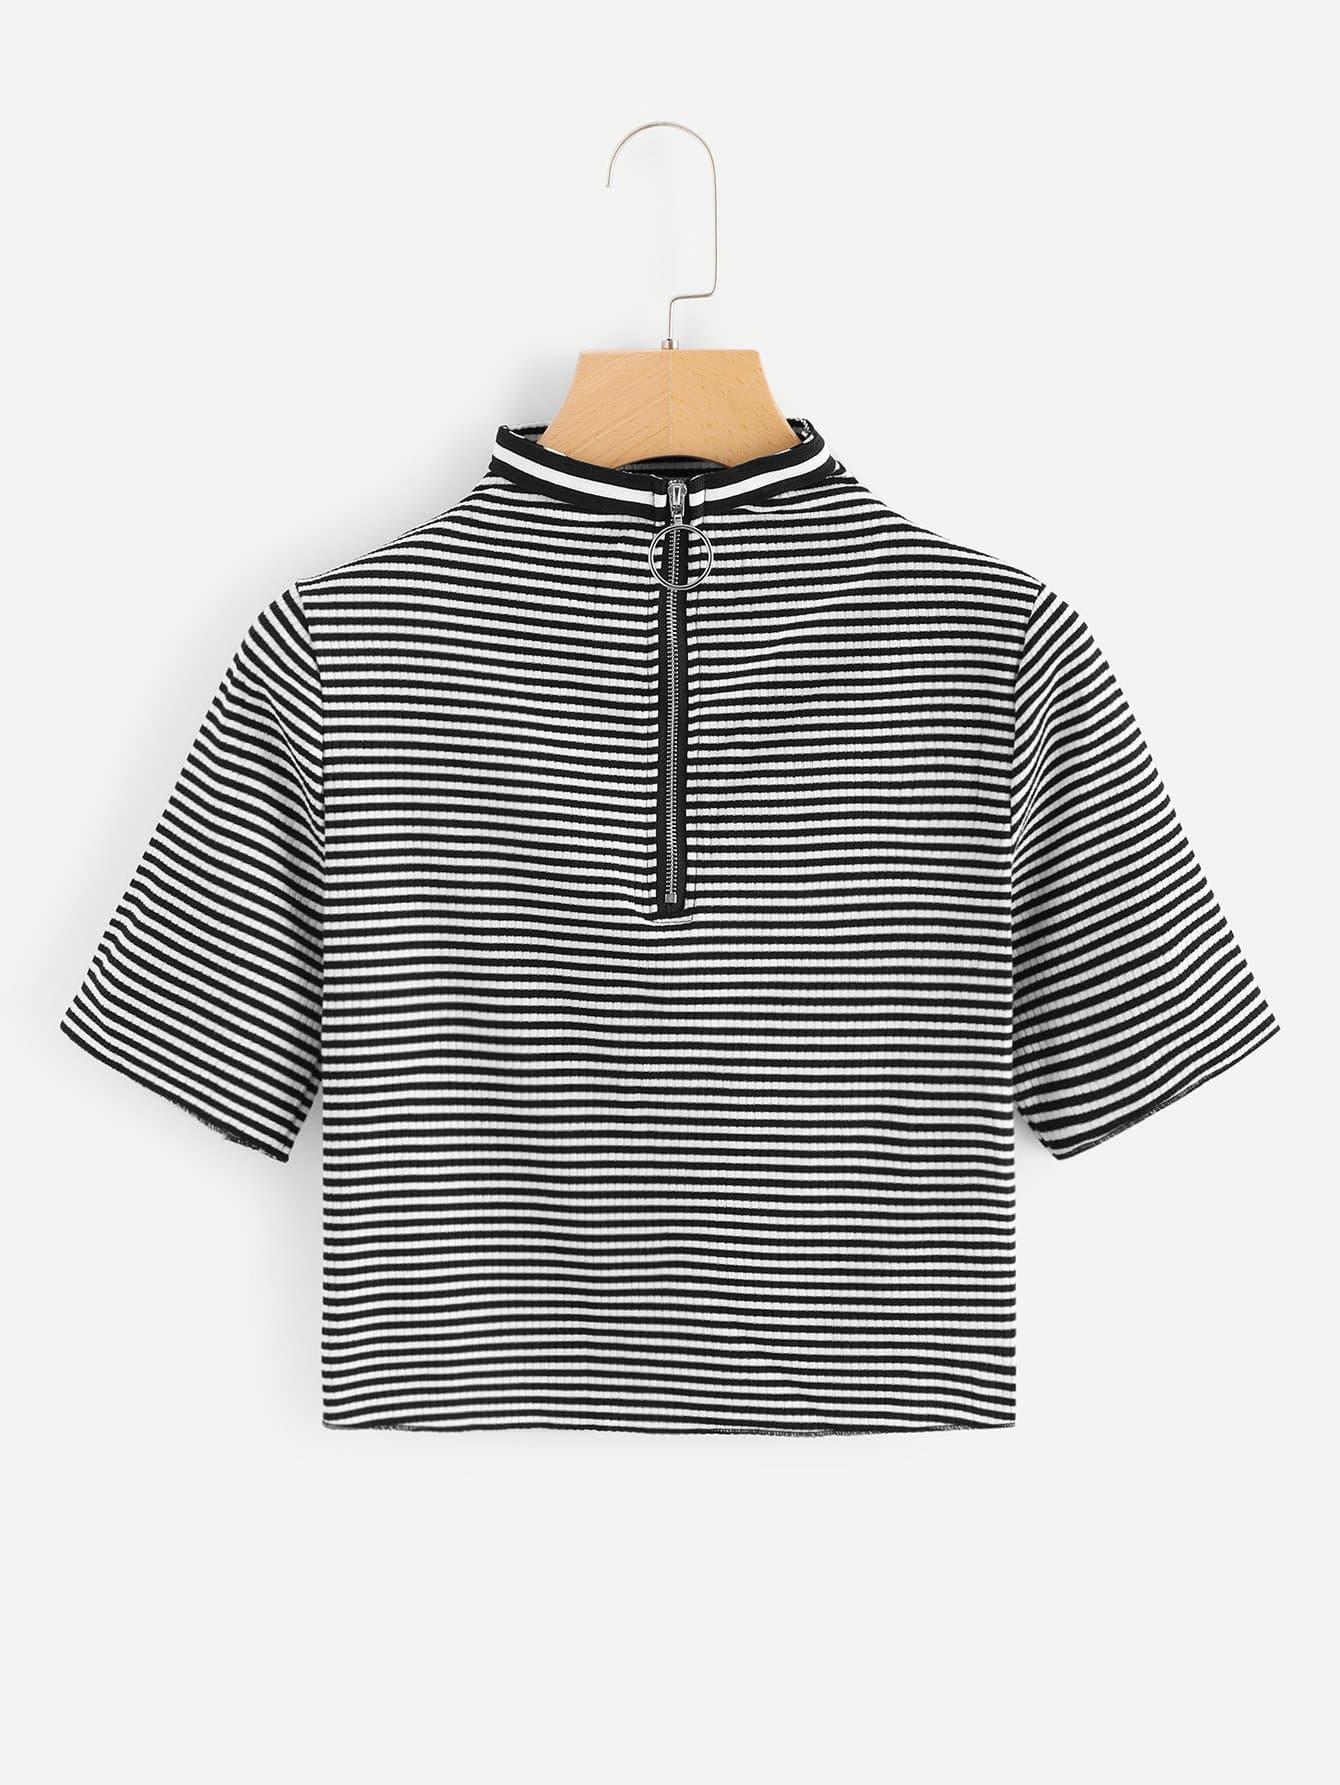 Striped Zip Up Neck Crop Tee